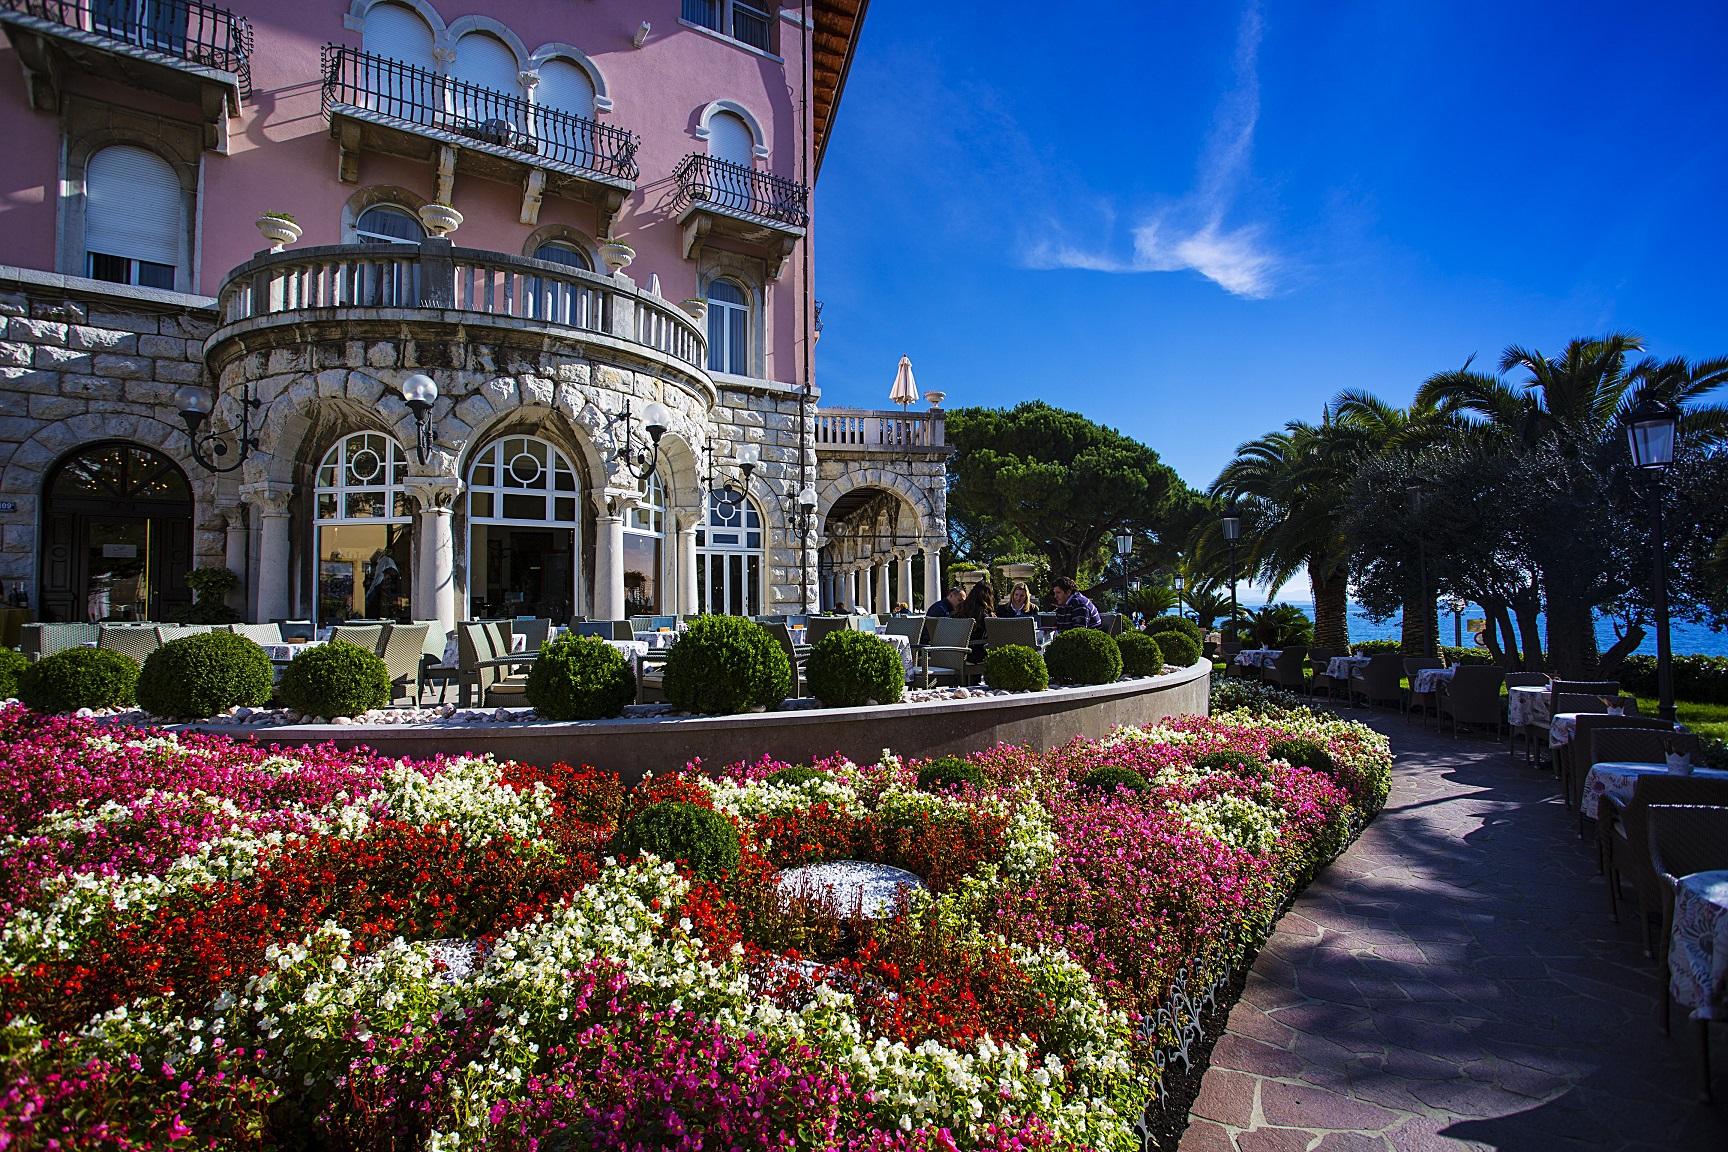 Opatija bietet ein angenehmes Ambiente - entlang der Uferpromenade, vorbei an luxuriösen Villen und in den gemütlichen Cafés.